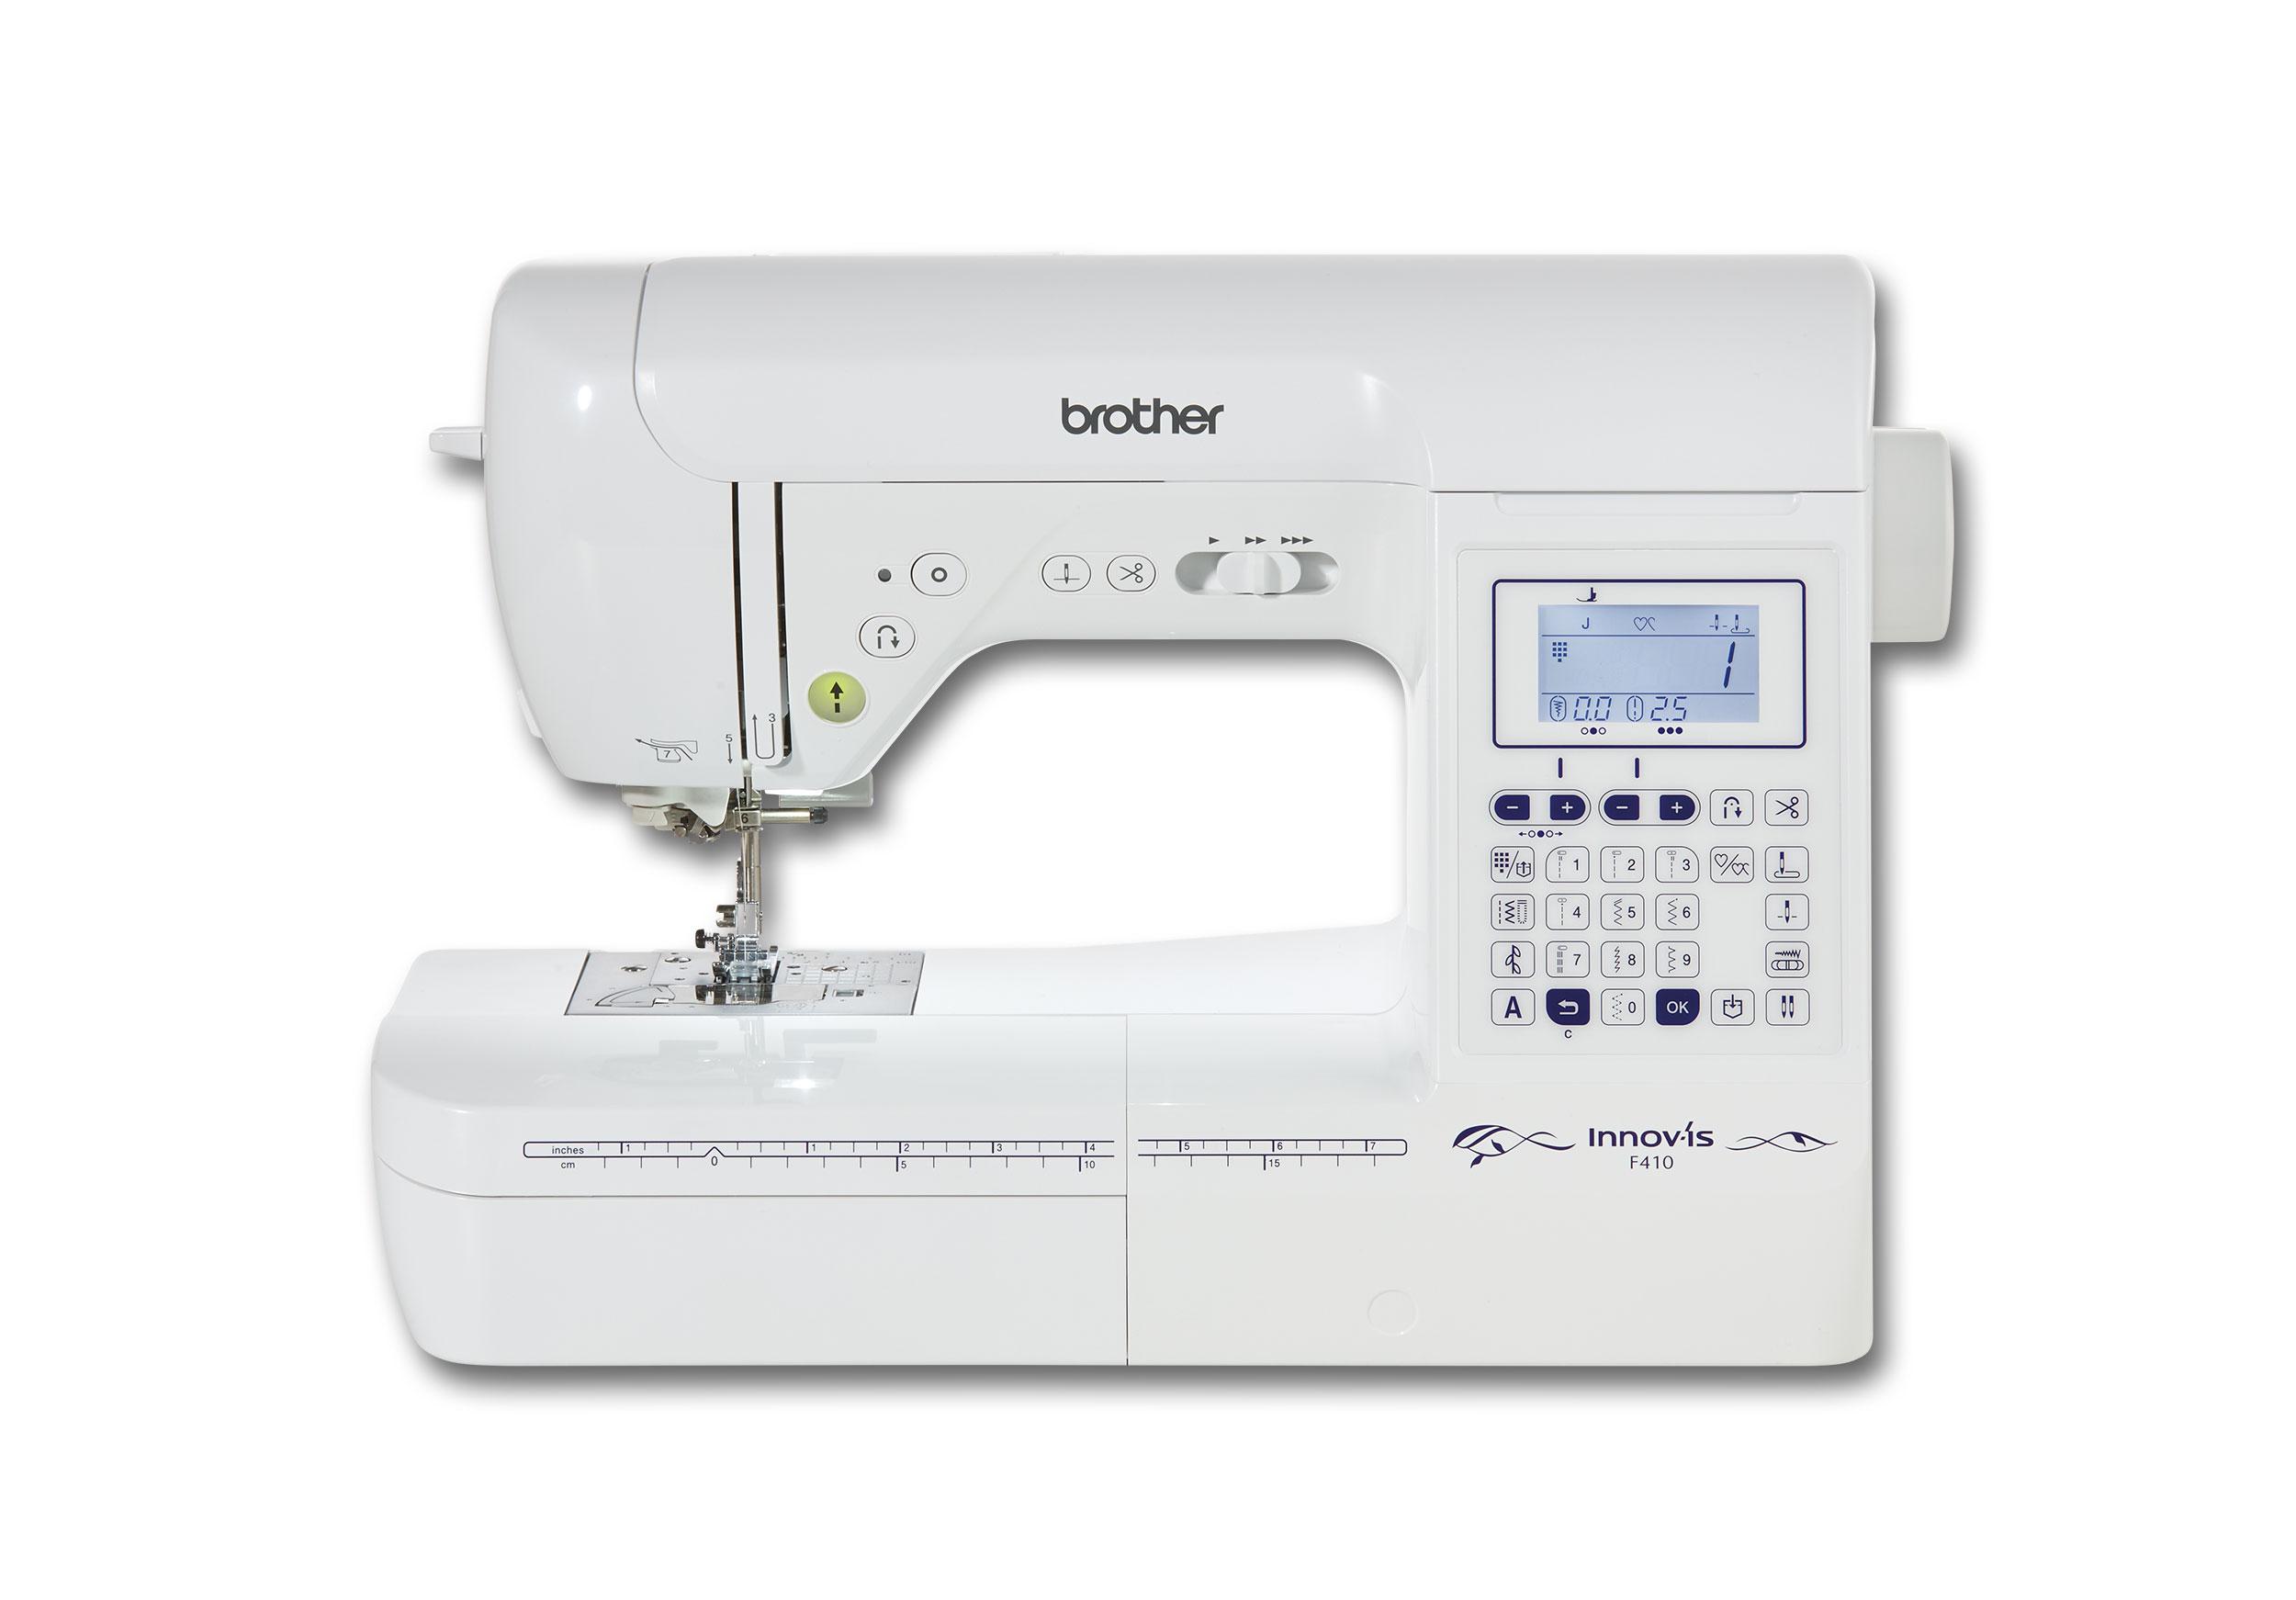 Macchina per cucire brother innovis f410 shopping cucito for Macchina da cucire economica per principianti